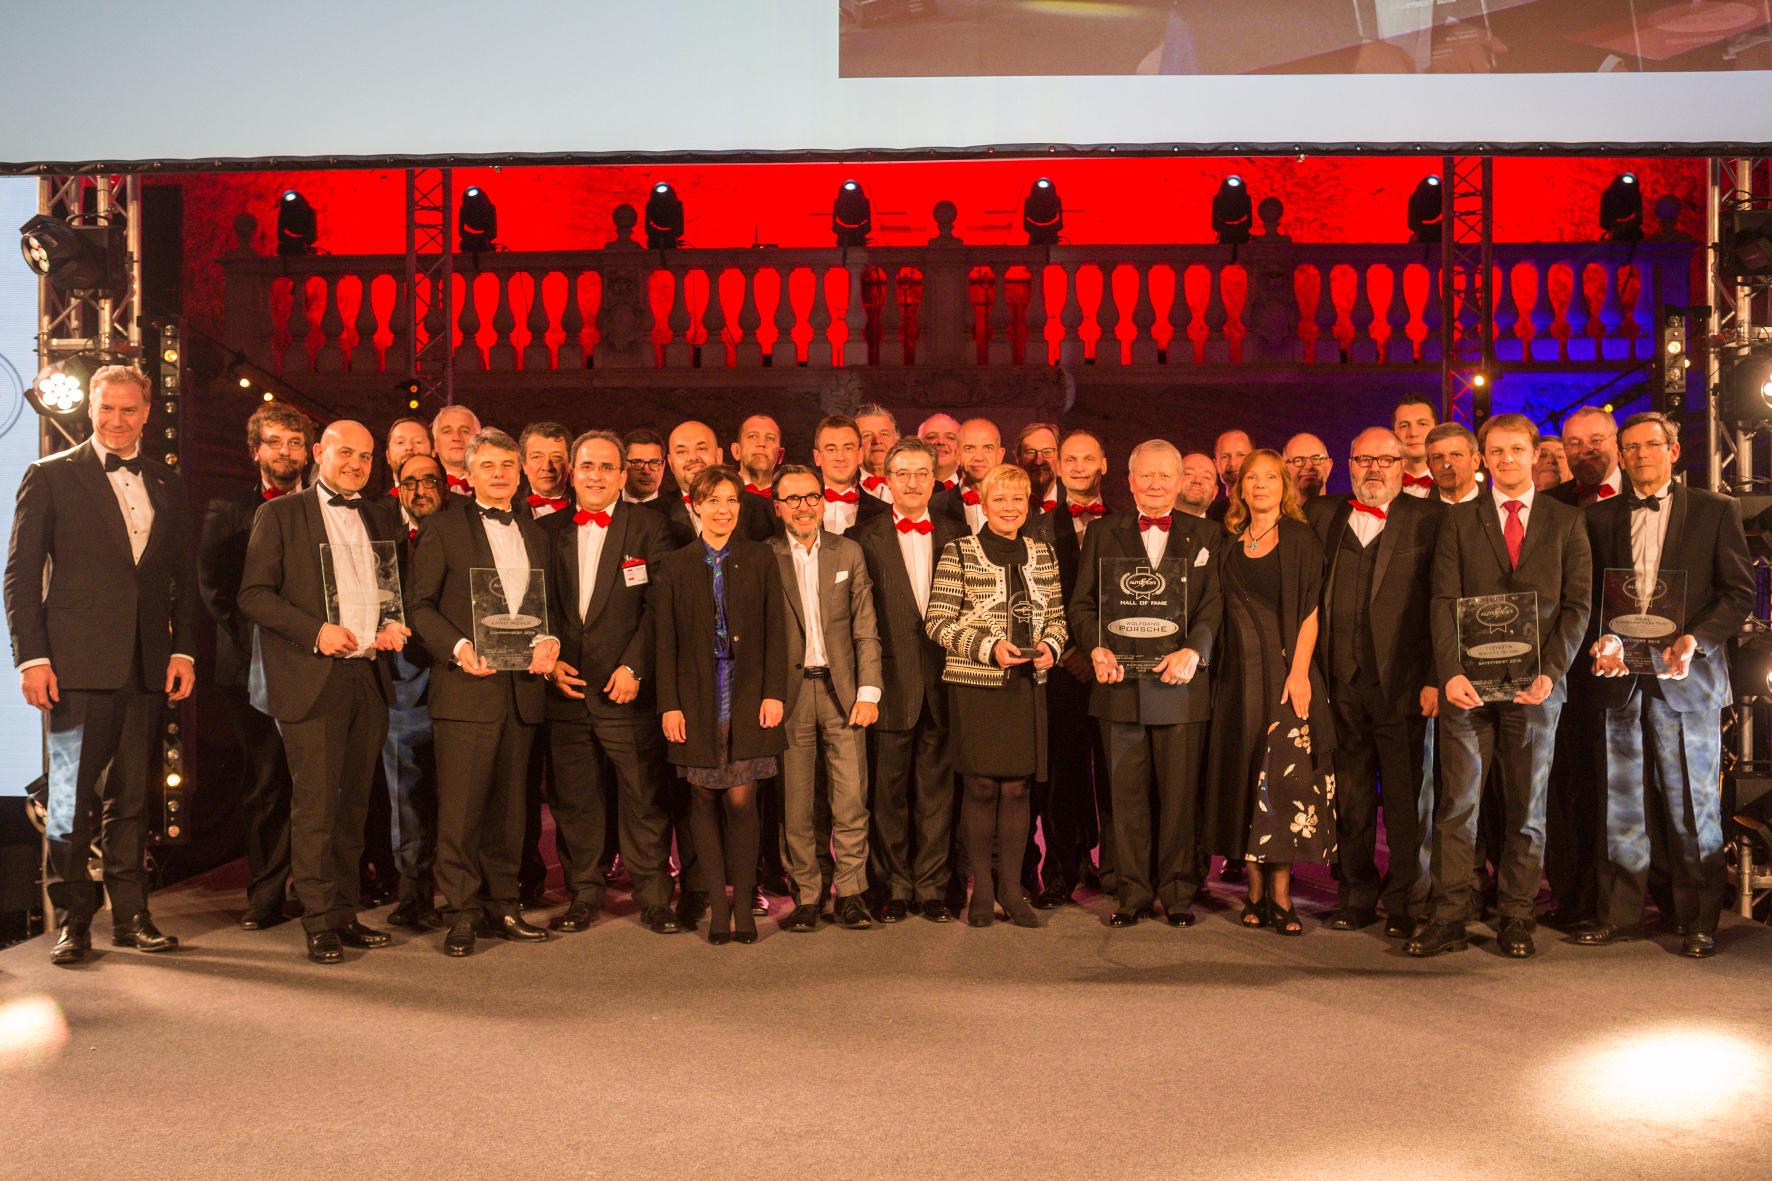 mid Groß-Gerau - Gruppenfoto mit den Siegern des Jahrgangs 2018 und der AUTOBEST-Jury im Salzburger Karl Böhm Saal. AUTOBEST